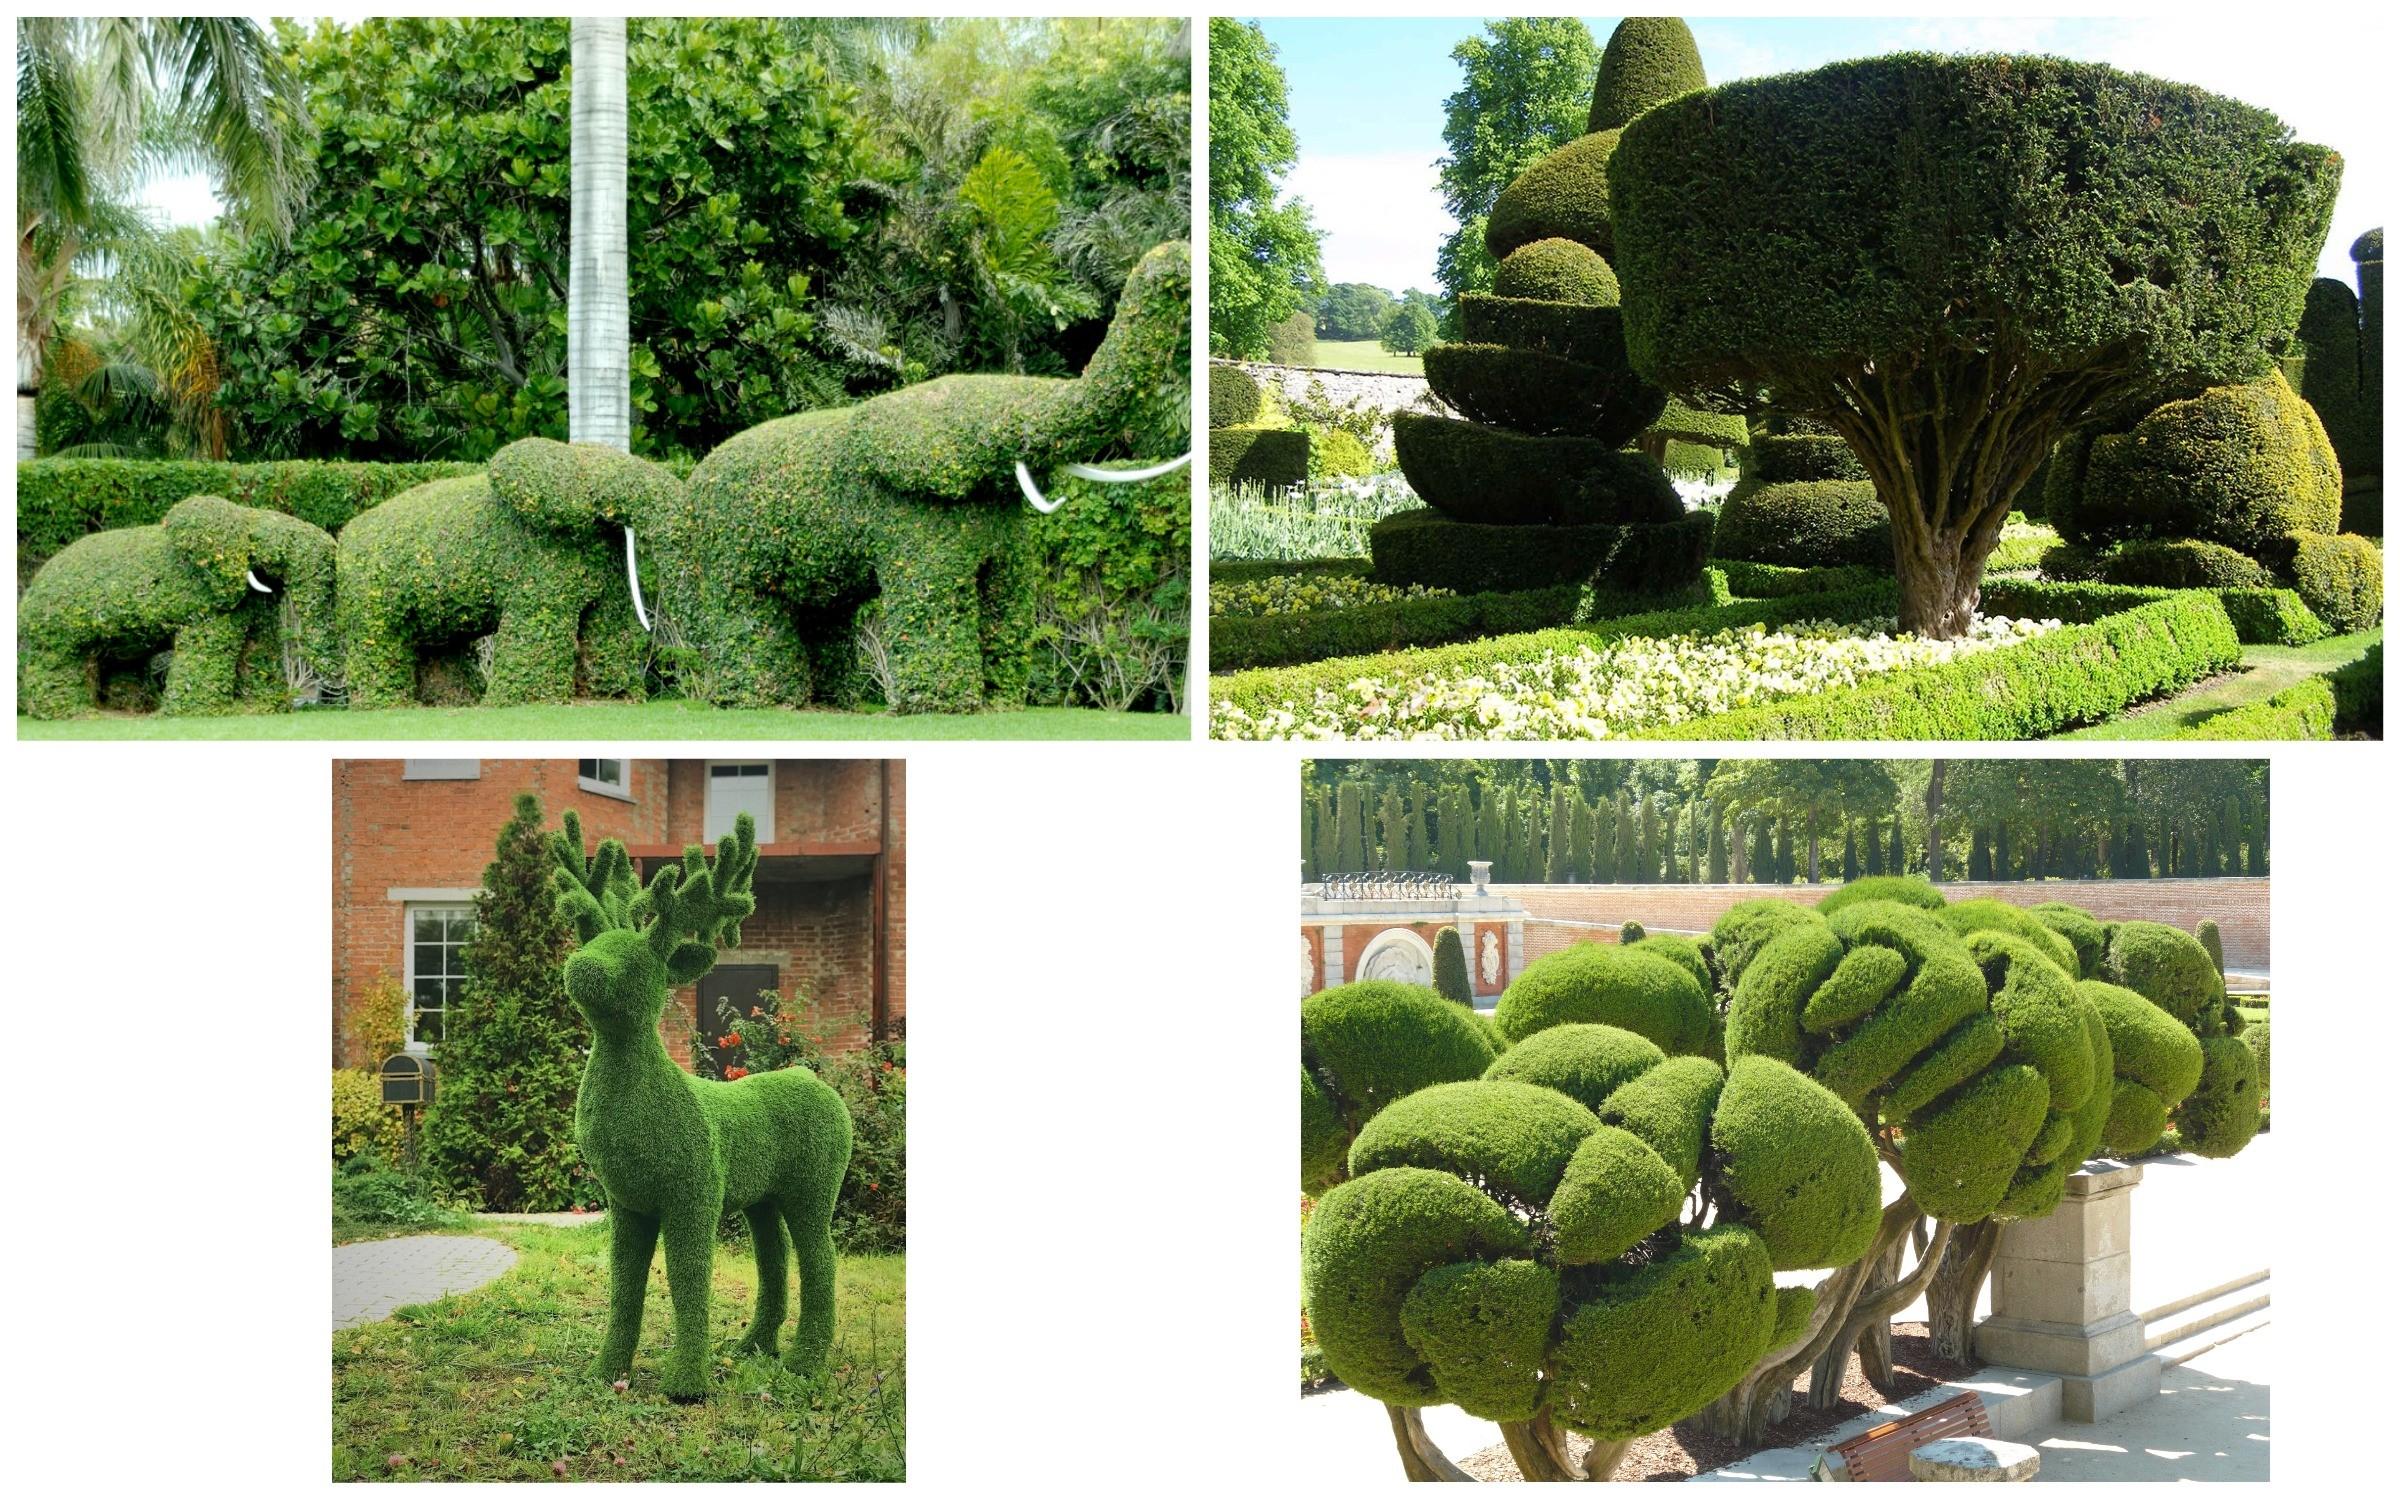 изображение растительных скульптур